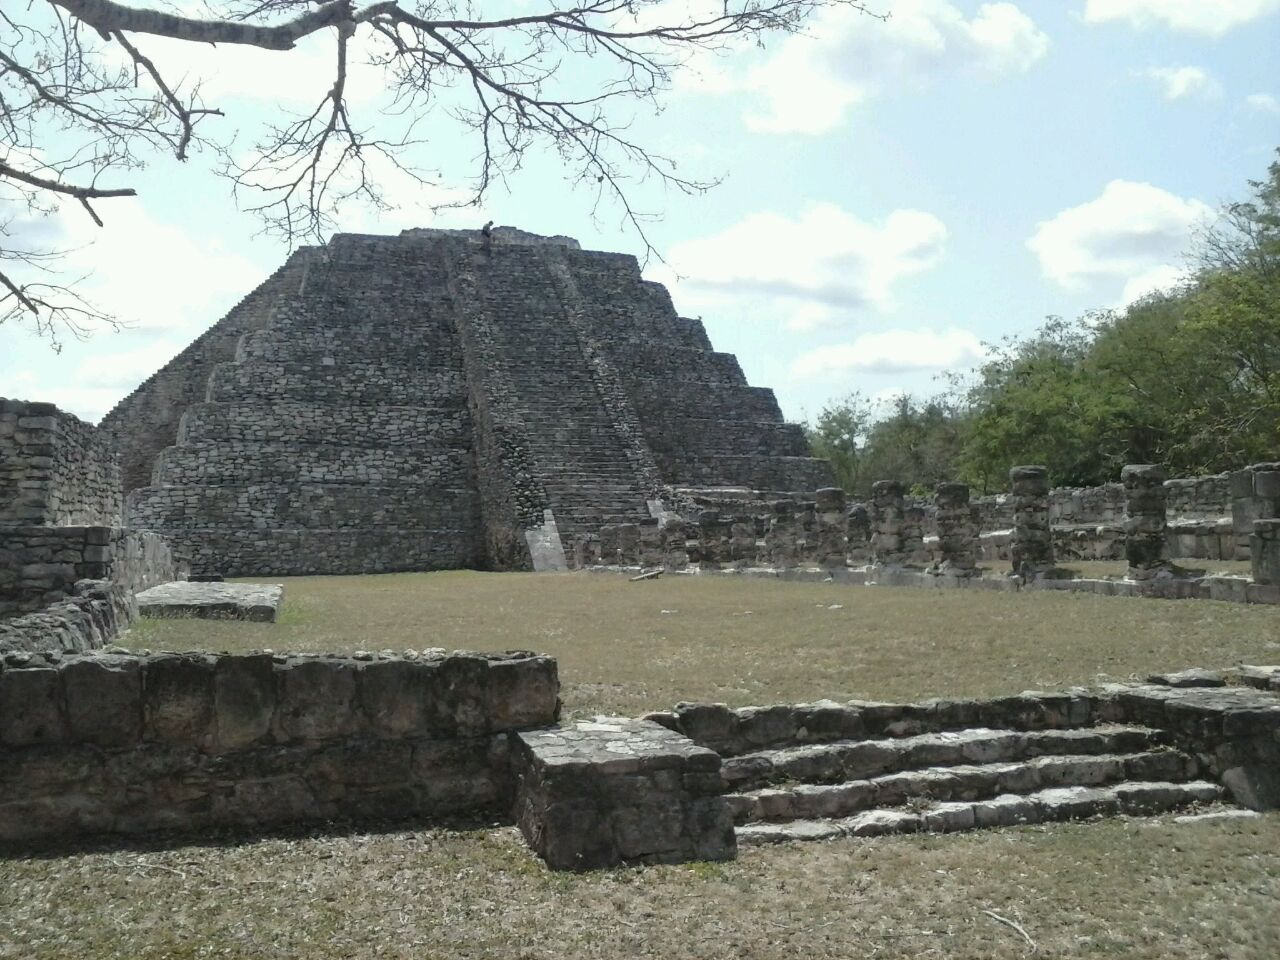 Rescate de pinturas murales y hallazgo en Mayapán